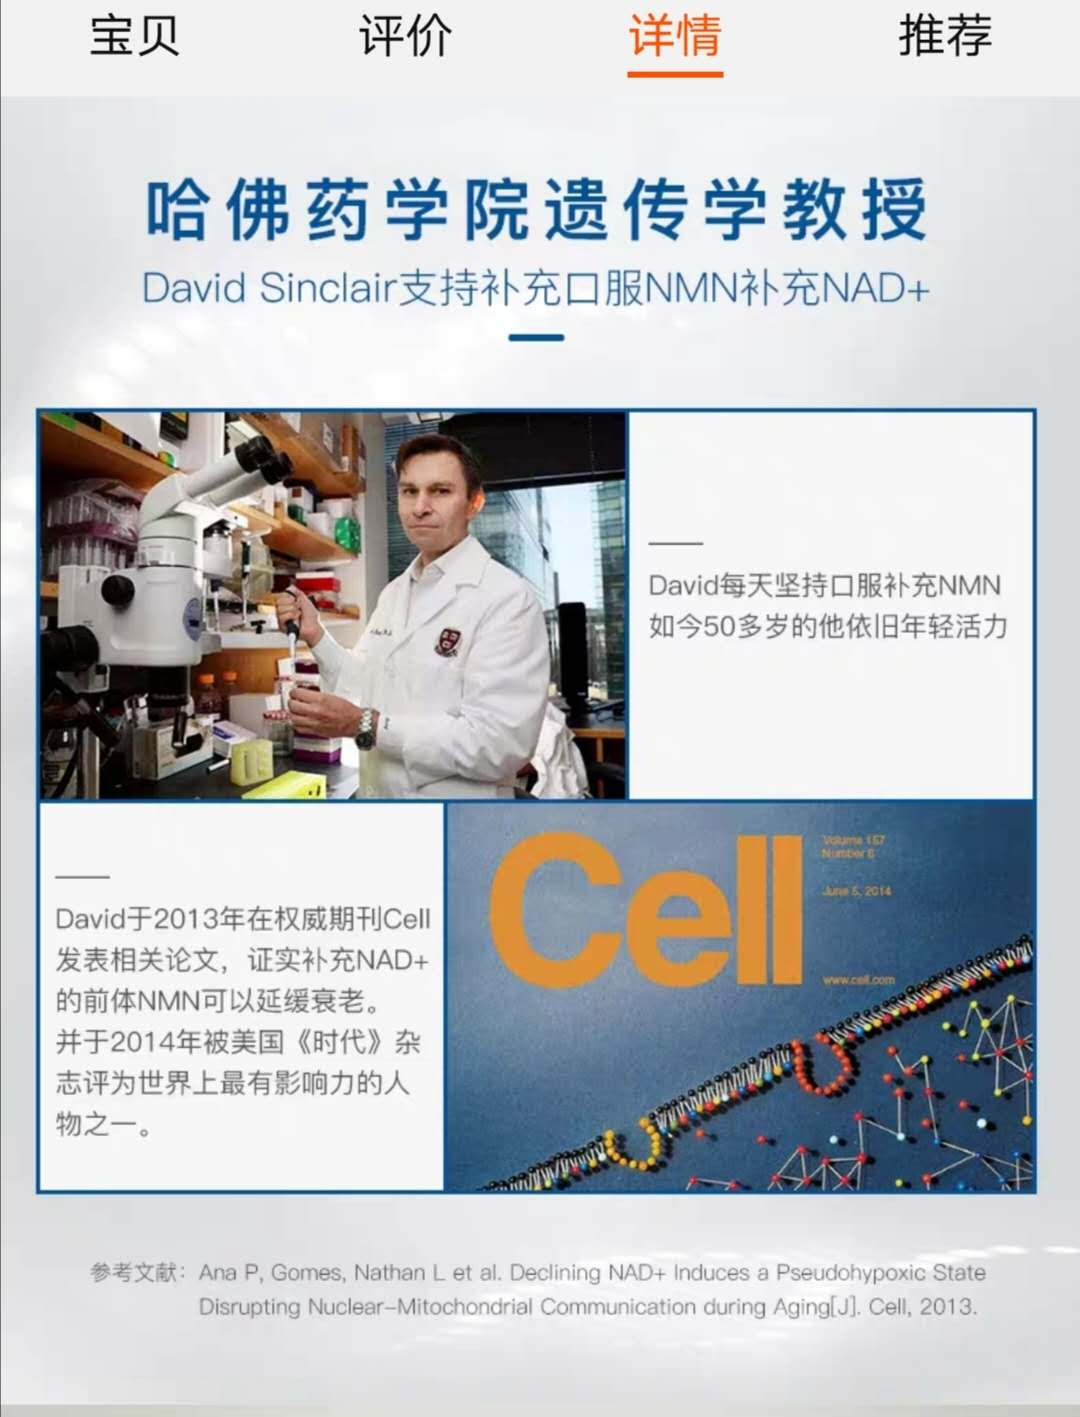 某电商平台宣传的NMN产品产品介绍